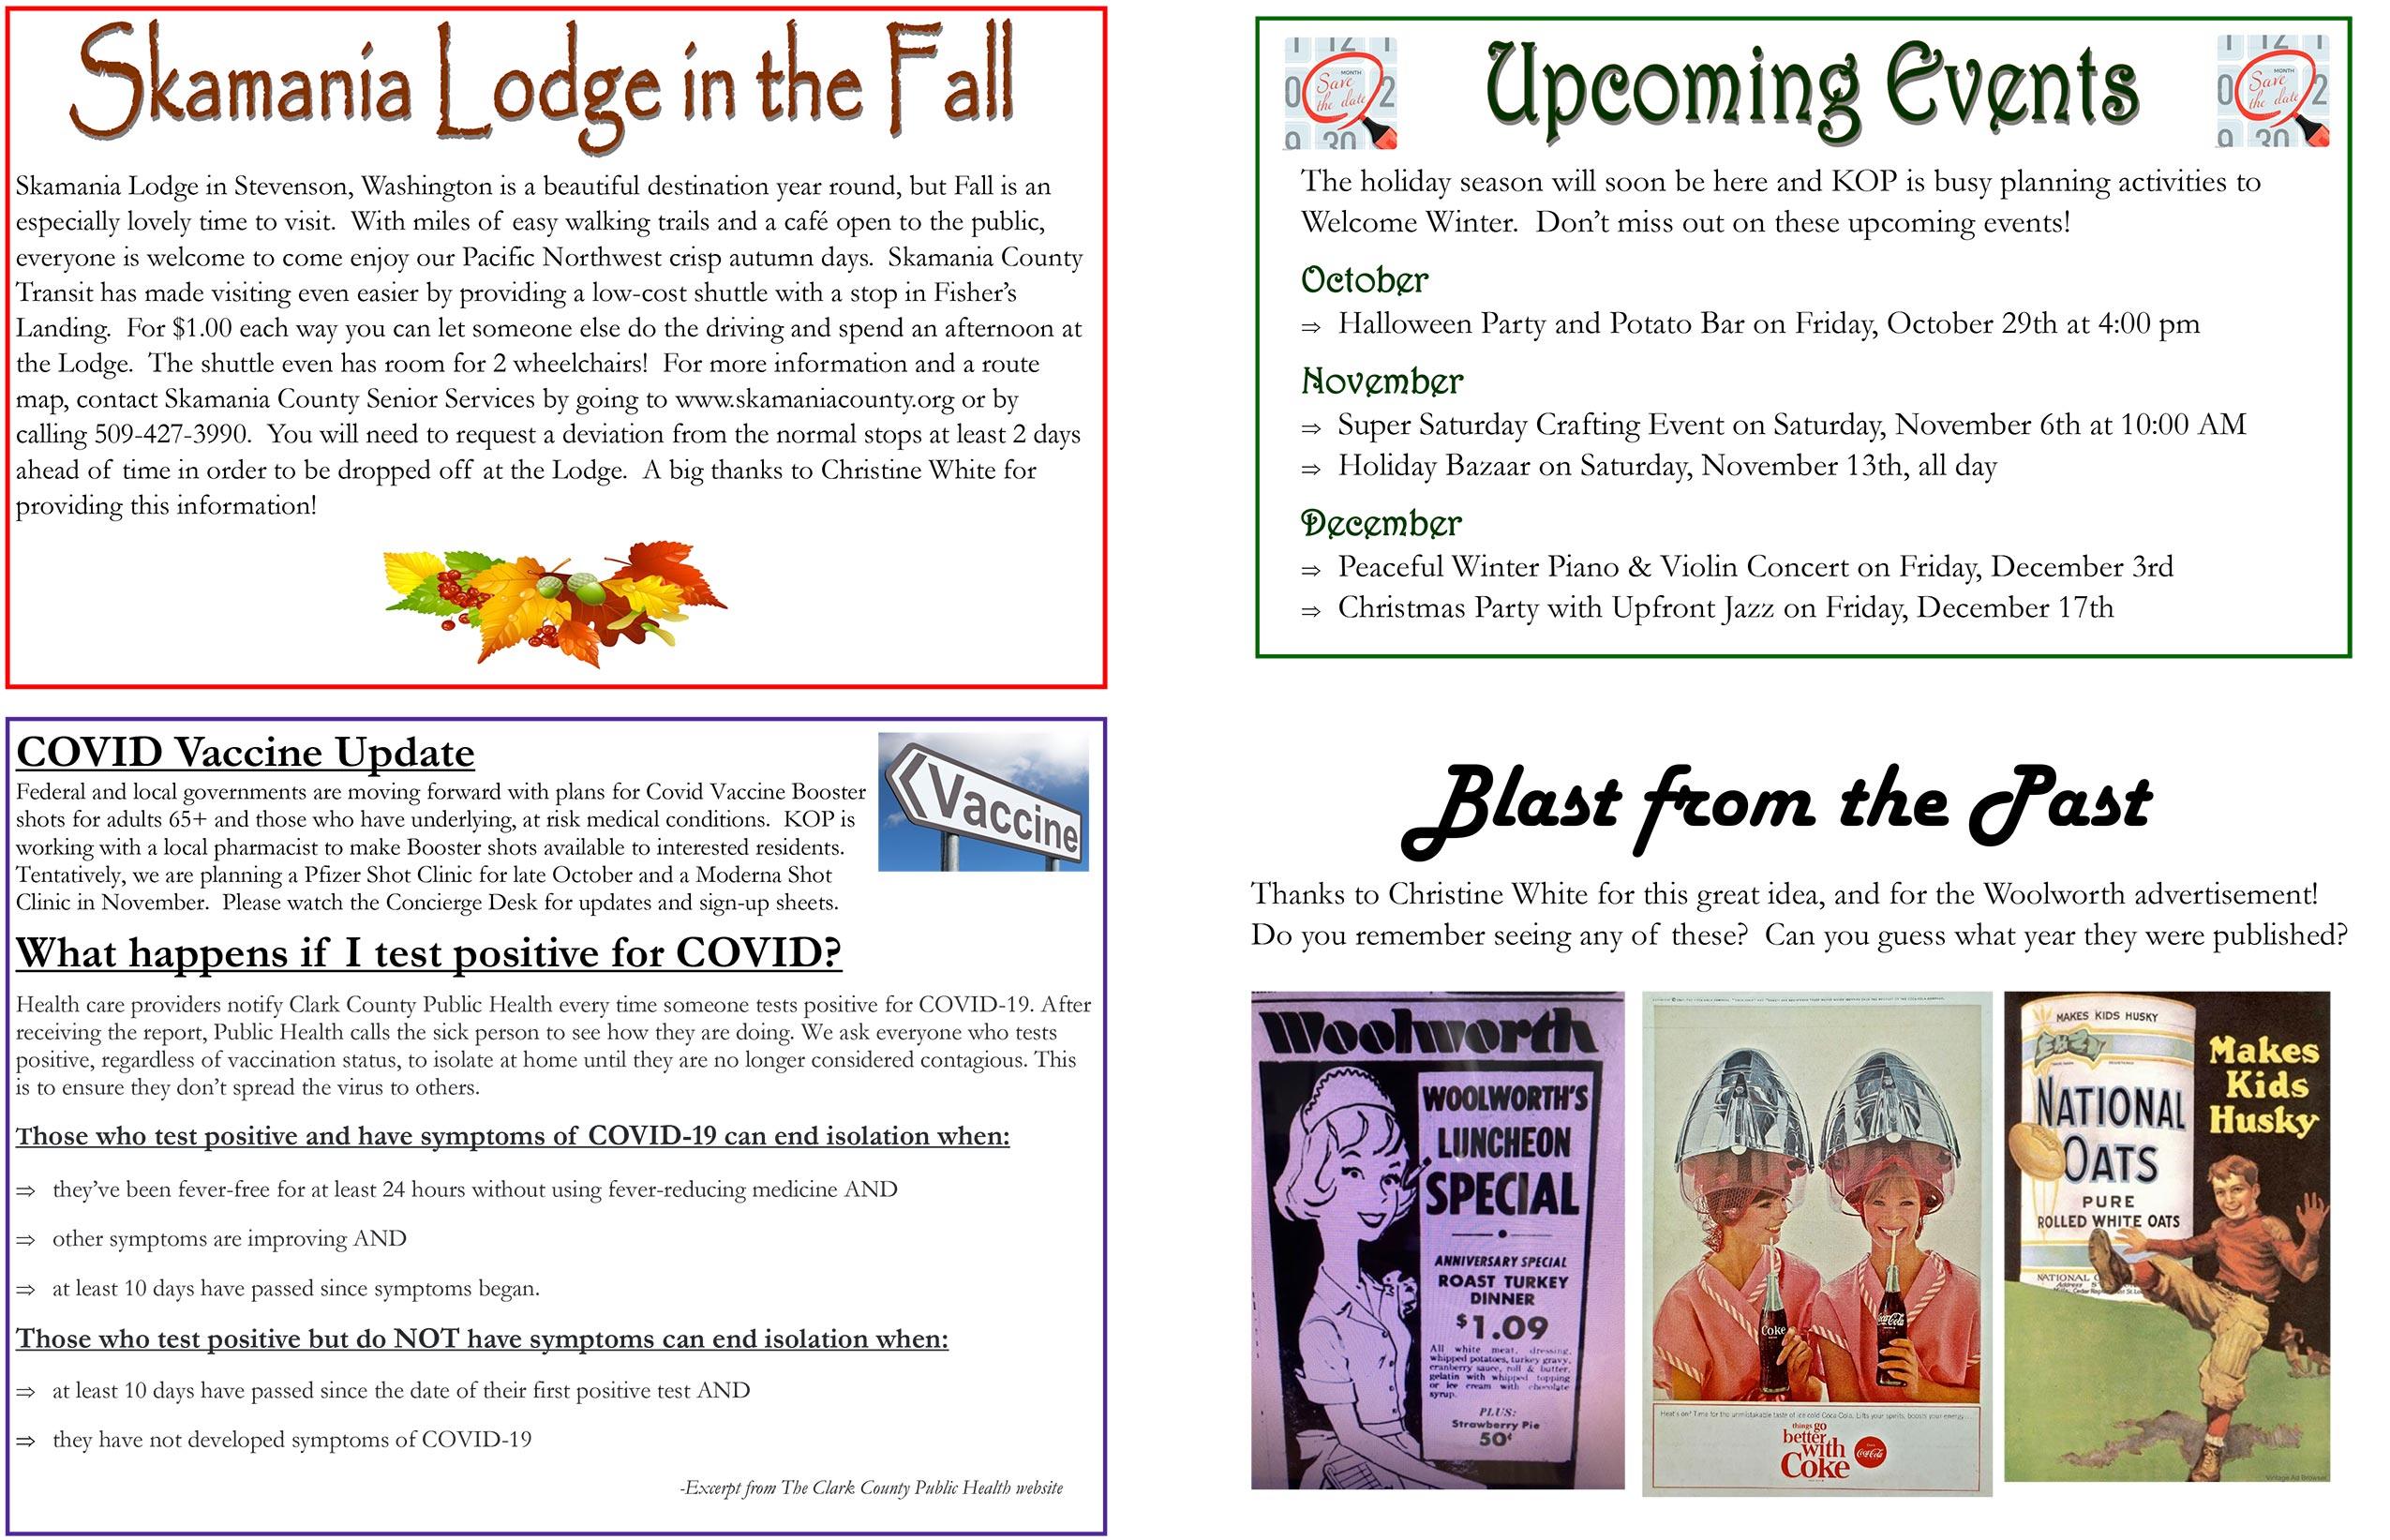 October 2021 Tidbits page 2